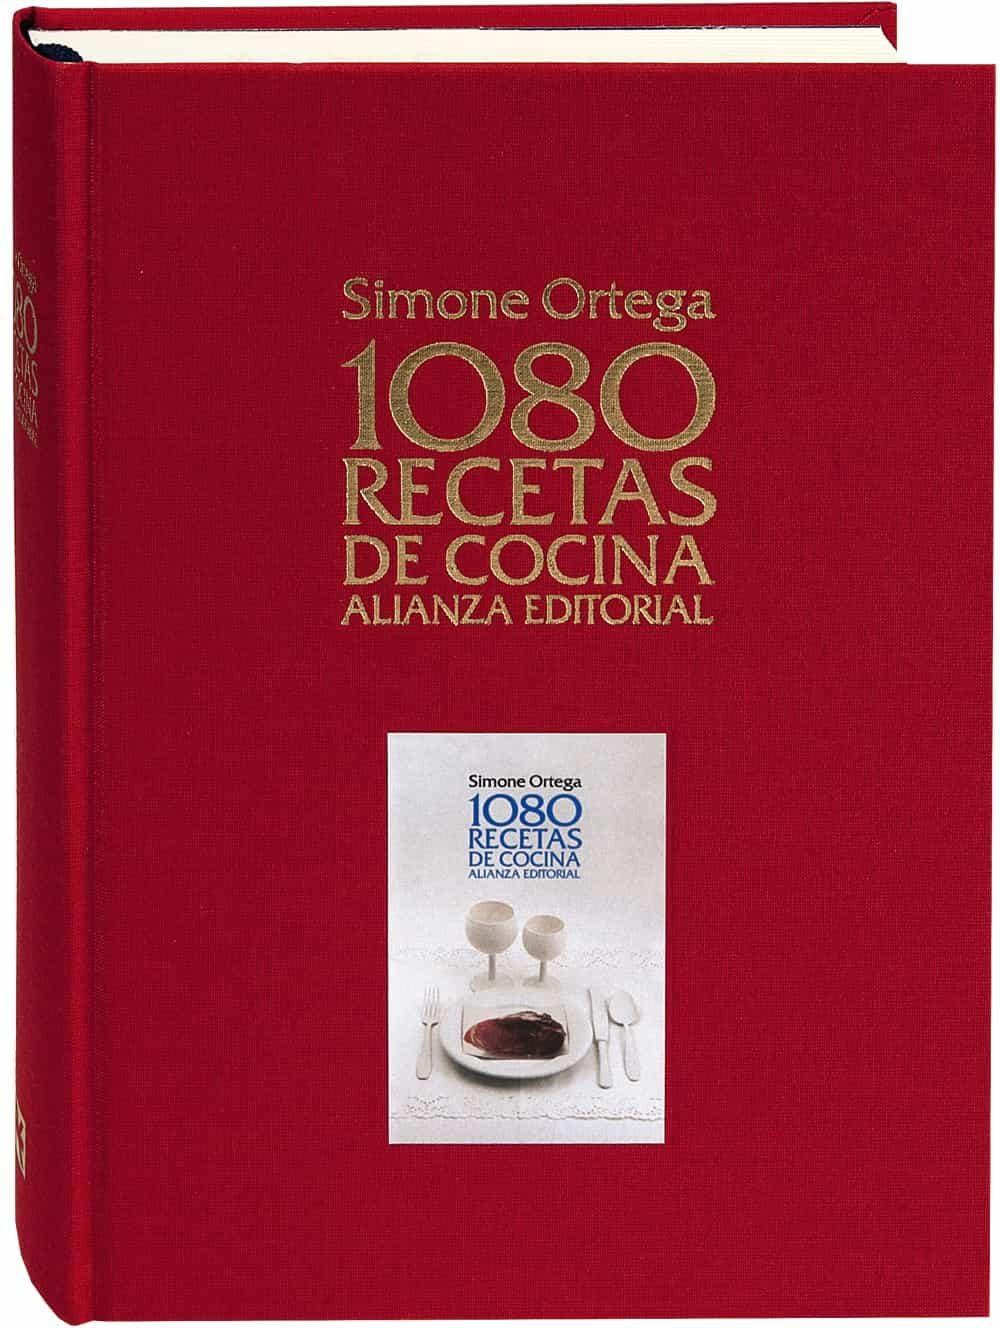 LIBRO 1080 RECETAS DE SIMONE ORTEGA PDF